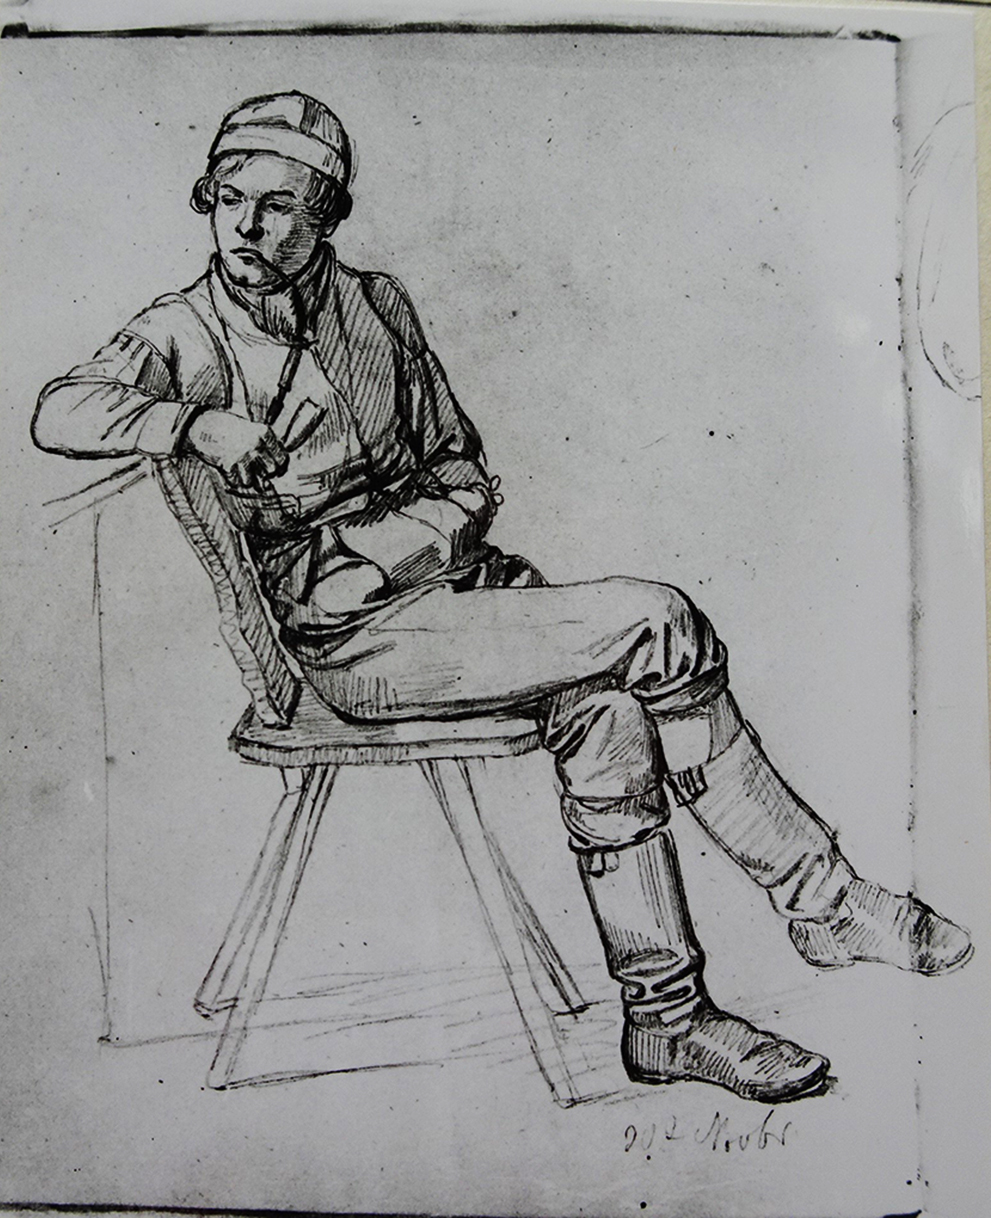 Ludwig Most, Studium gościa palącego fajkę, 30 listopada 1830, ołówek, papier welinowy, rysunek w szkicowniku nr II, karta 3, odwrocie, Muzeum Narodowe w Szczecinie